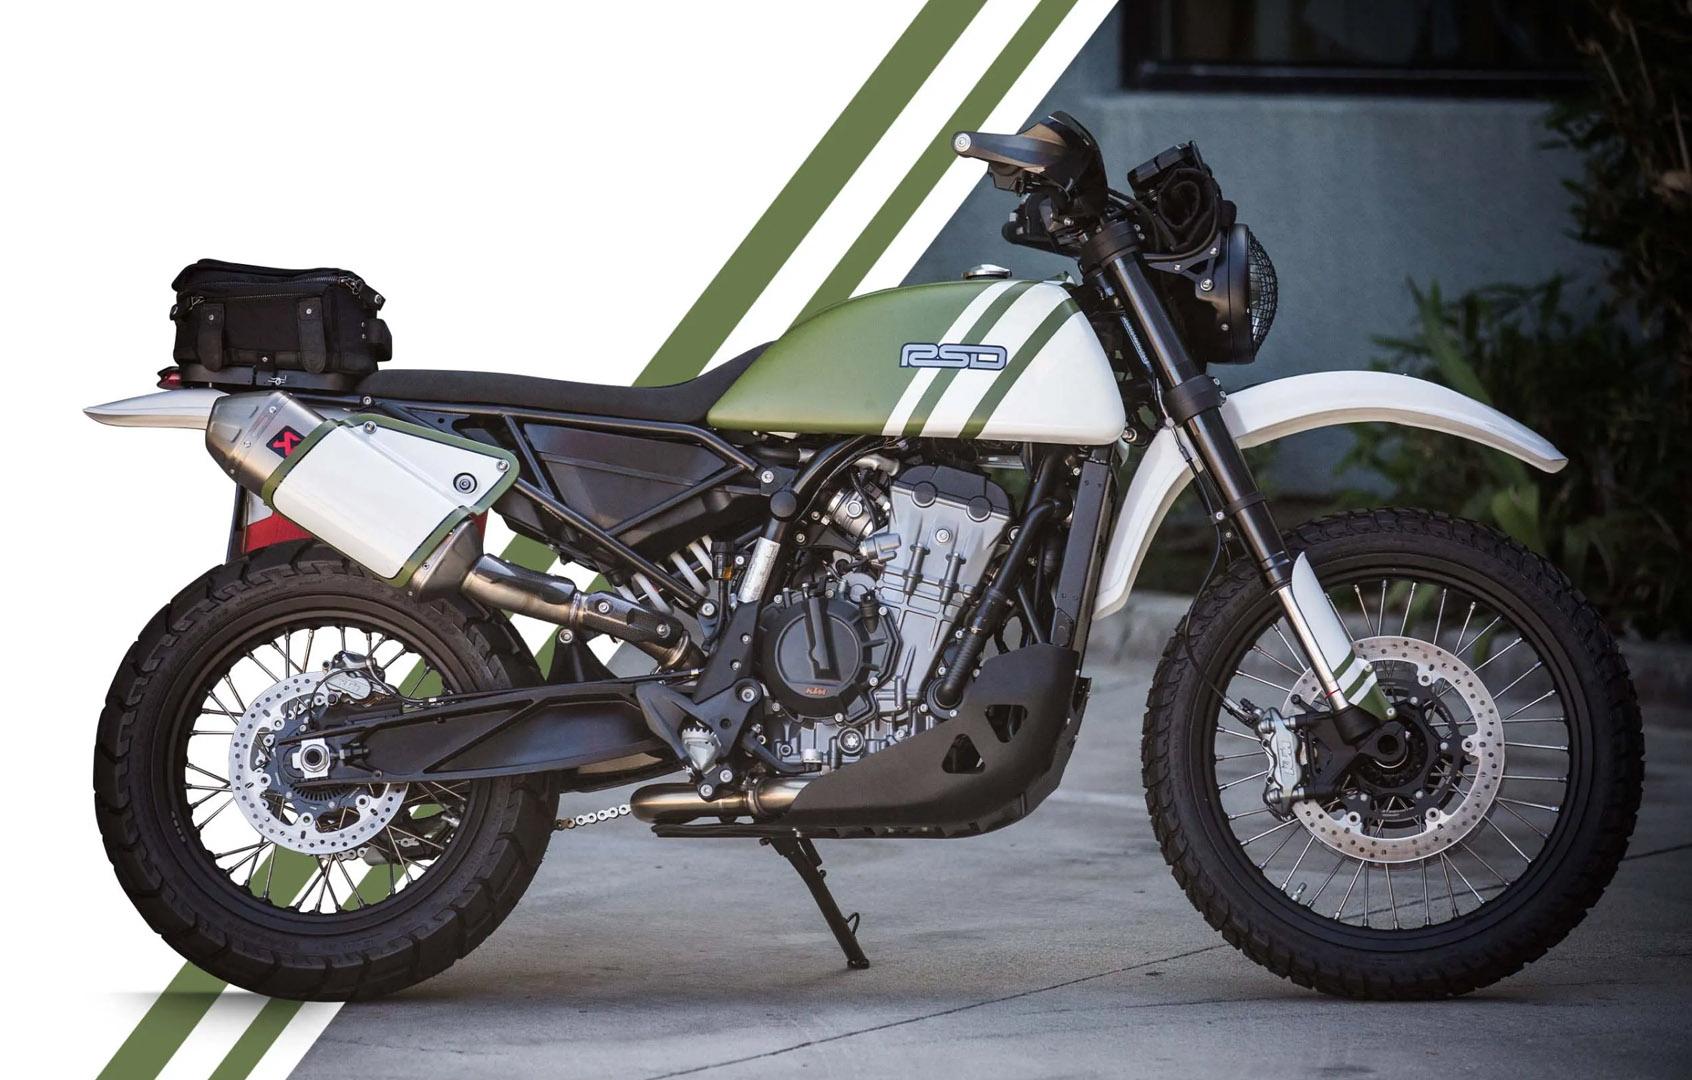 Городское нападение |  Дизайн Роланда Сэндса и KTM 790 Adventure |  Кастомный мотоцикл